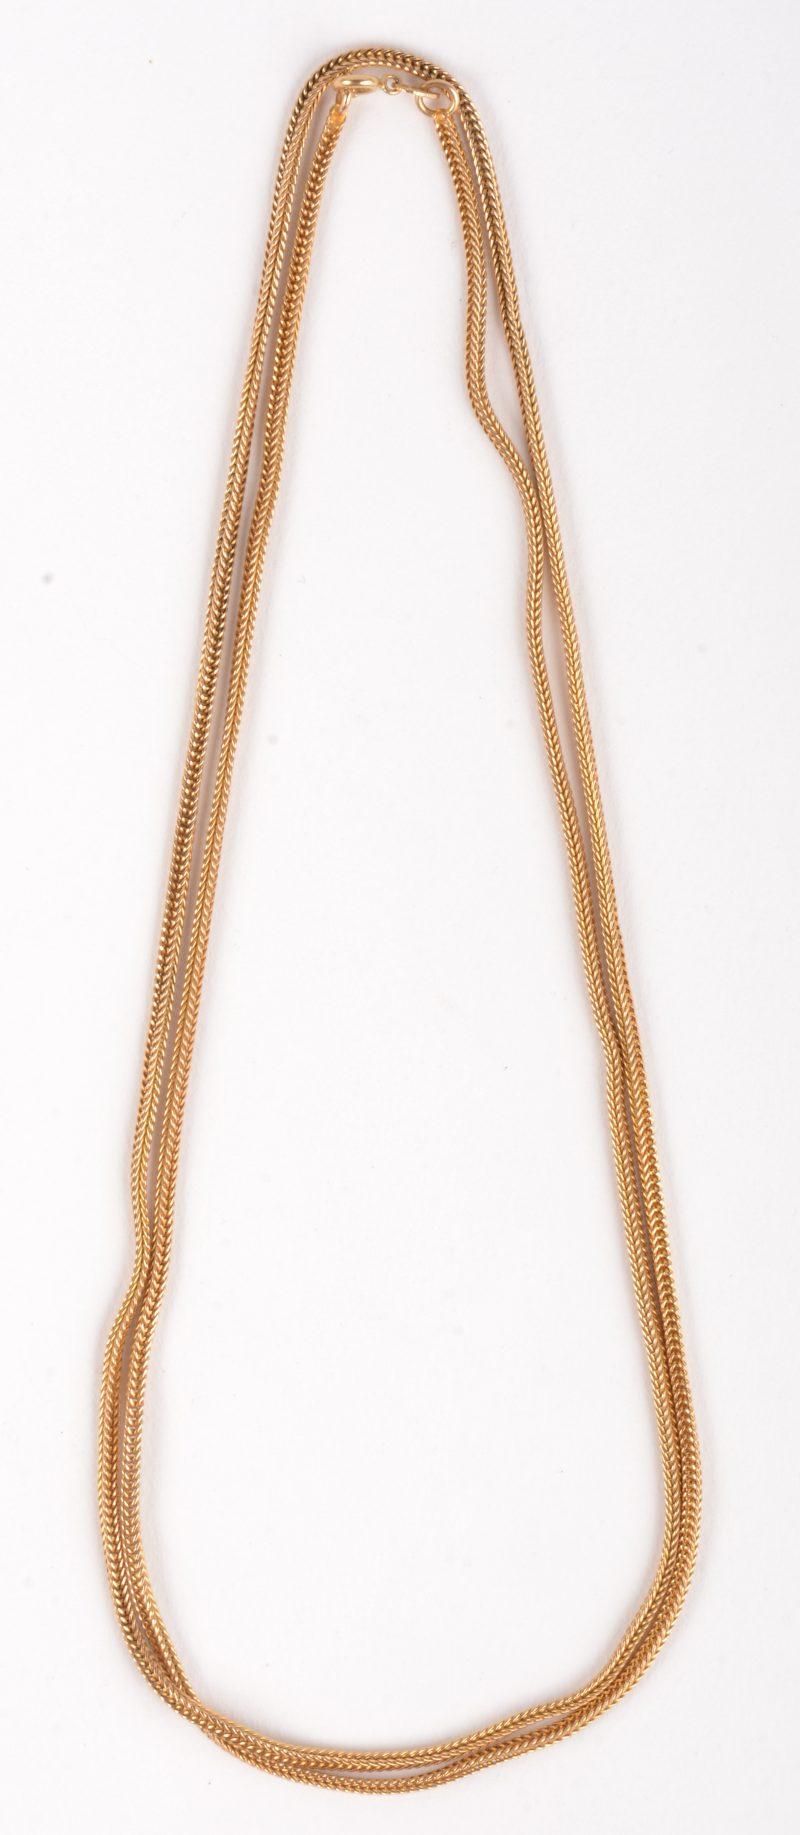 Een 18 K geelgouden lange geweven ketting. l: 39 cm.